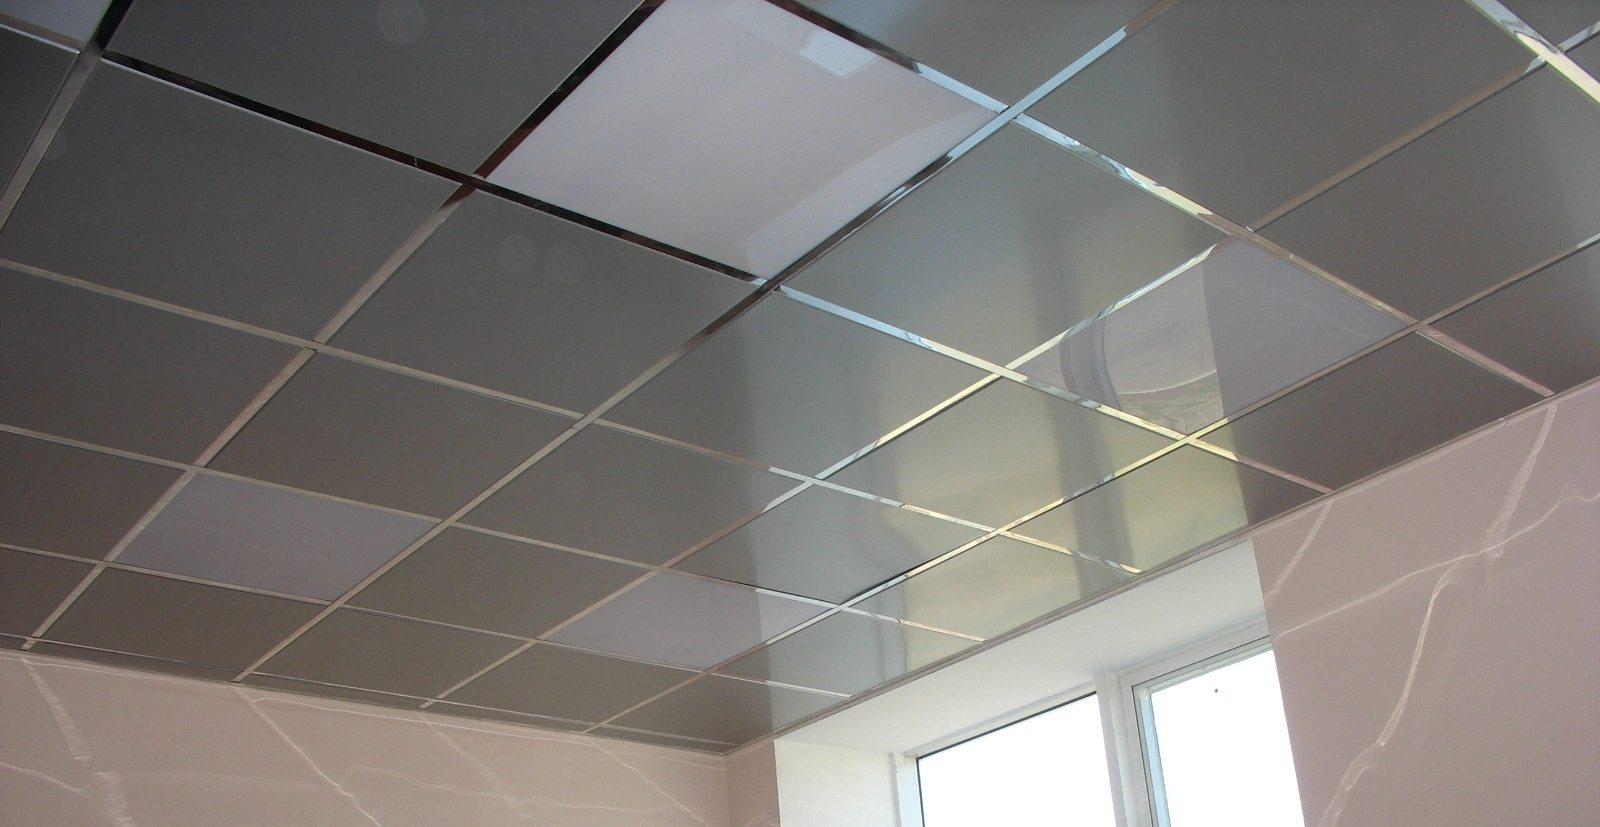 Cctp faux plafond dalle 60x60 dijon les travaux artisanaux soci t feaps - Faire un plafond etoile ...